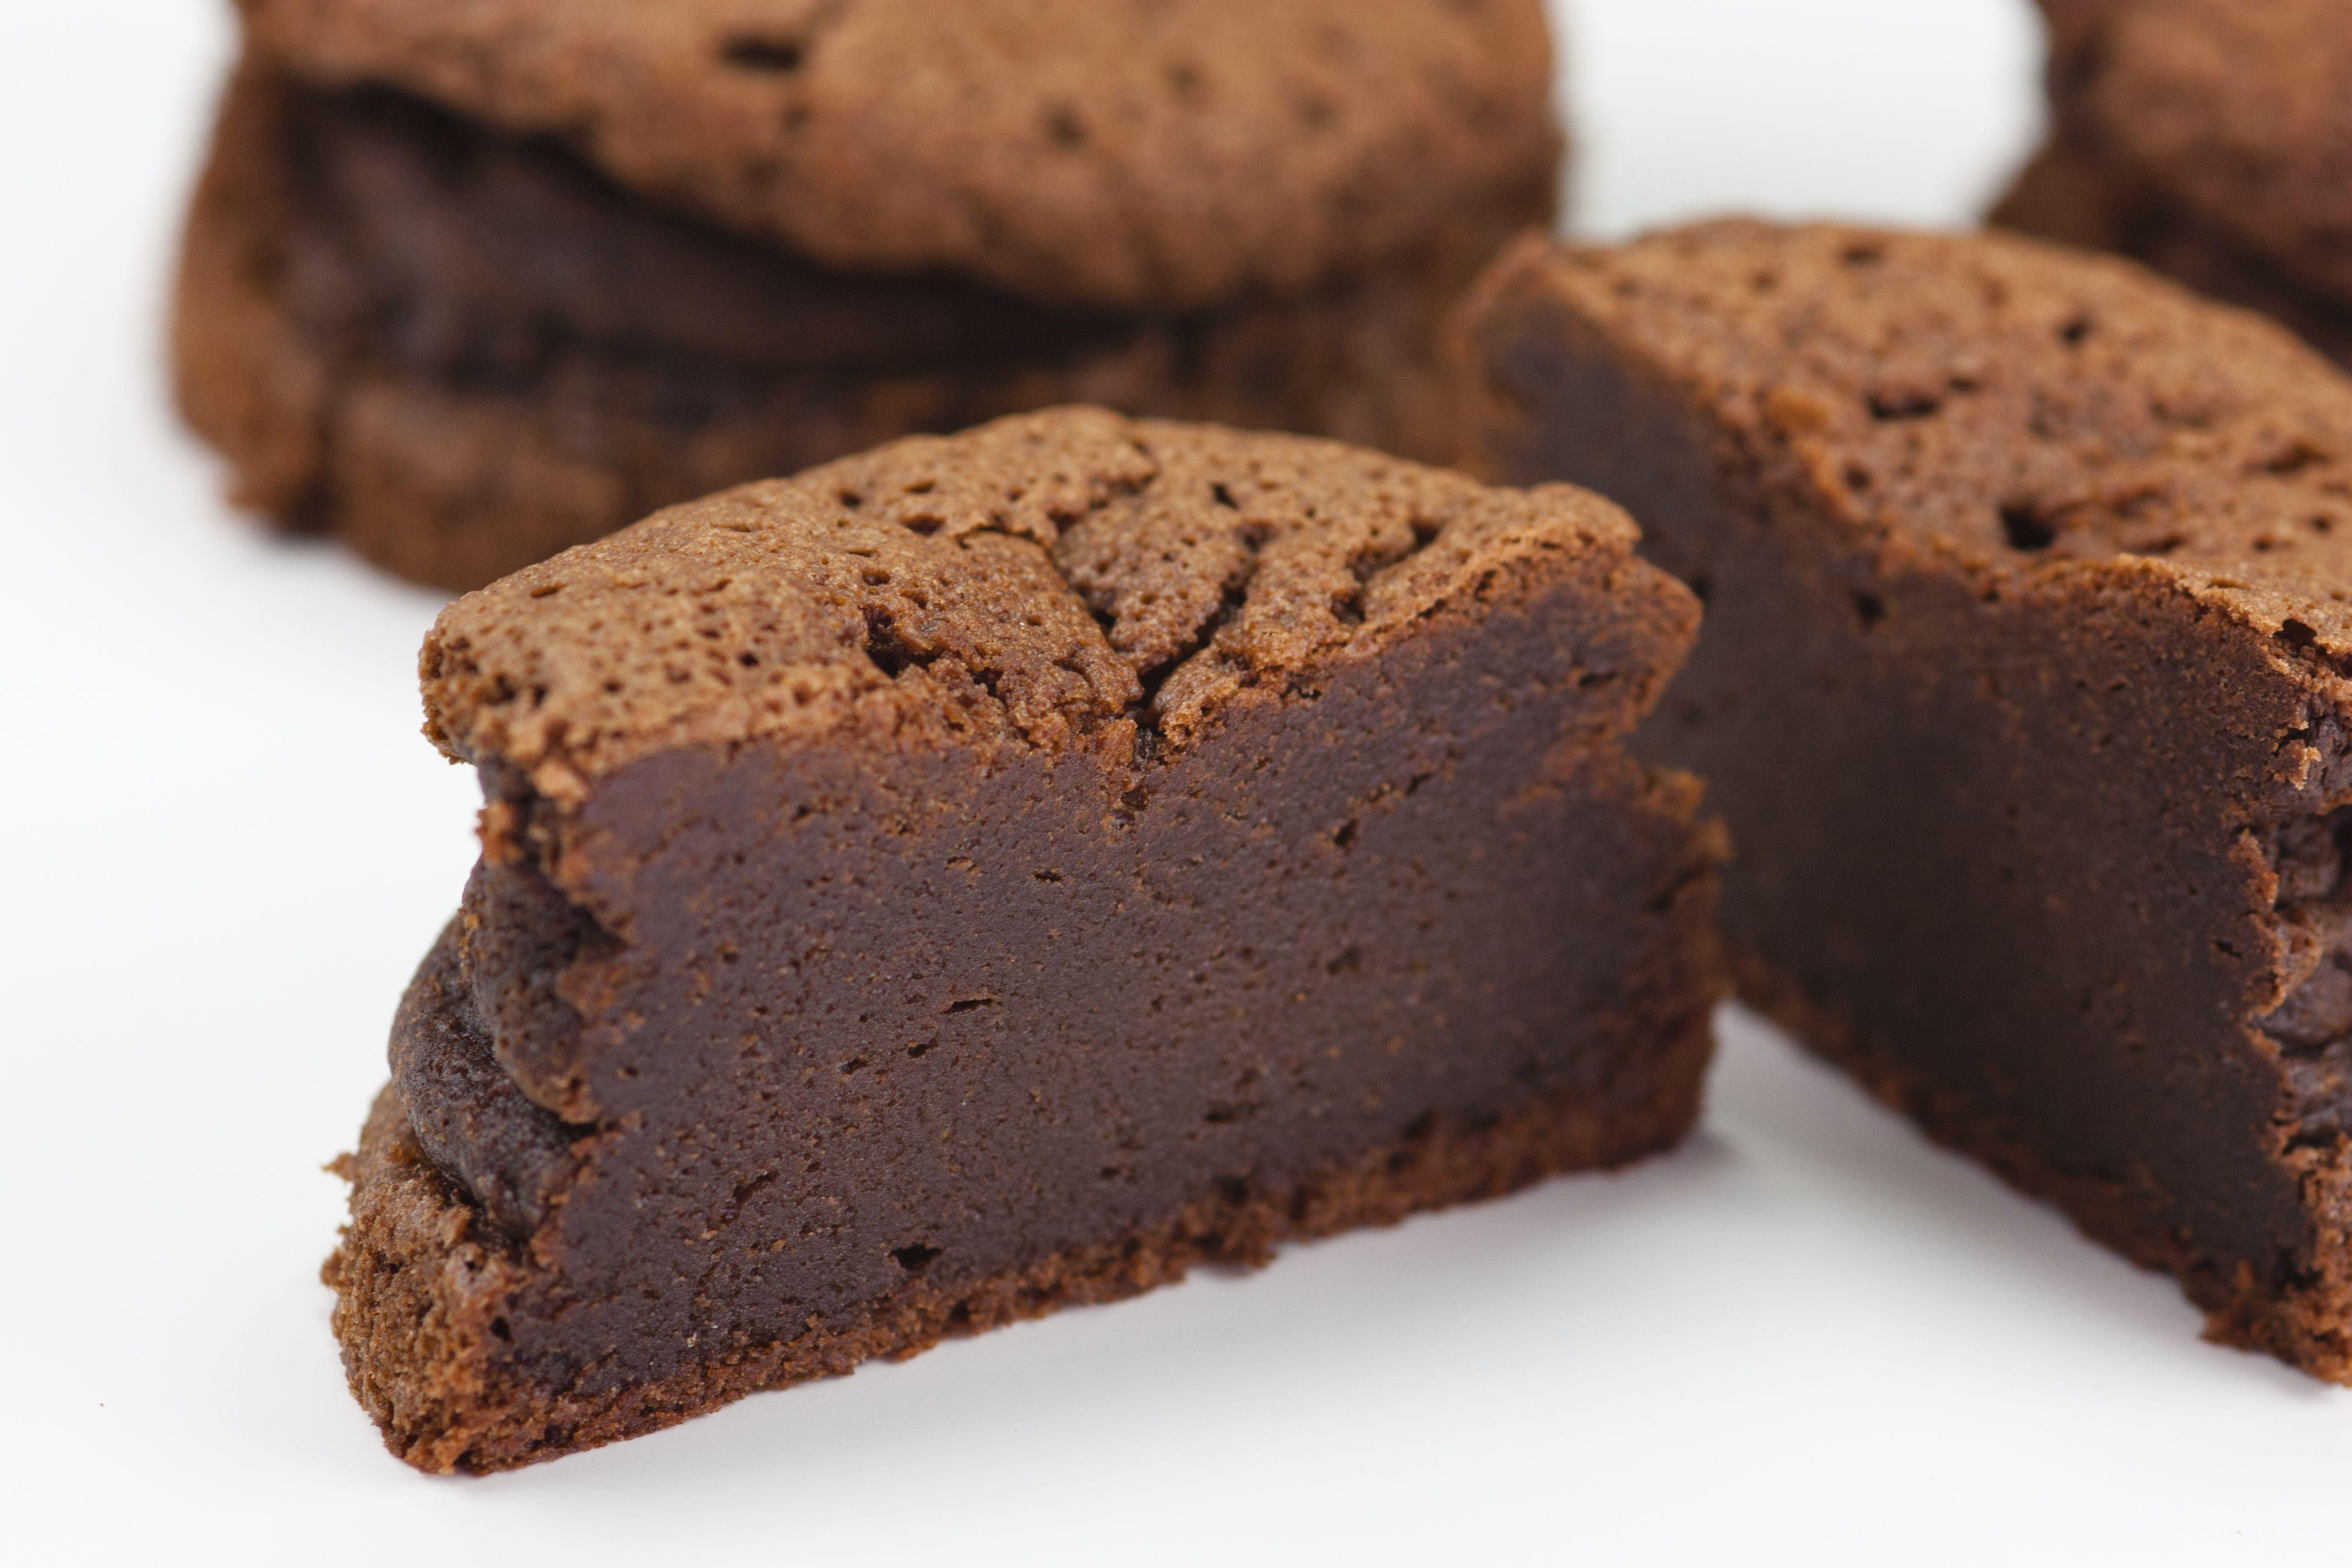 Super Torta magica al cioccolato monoporzione - (4.9/5) UL55